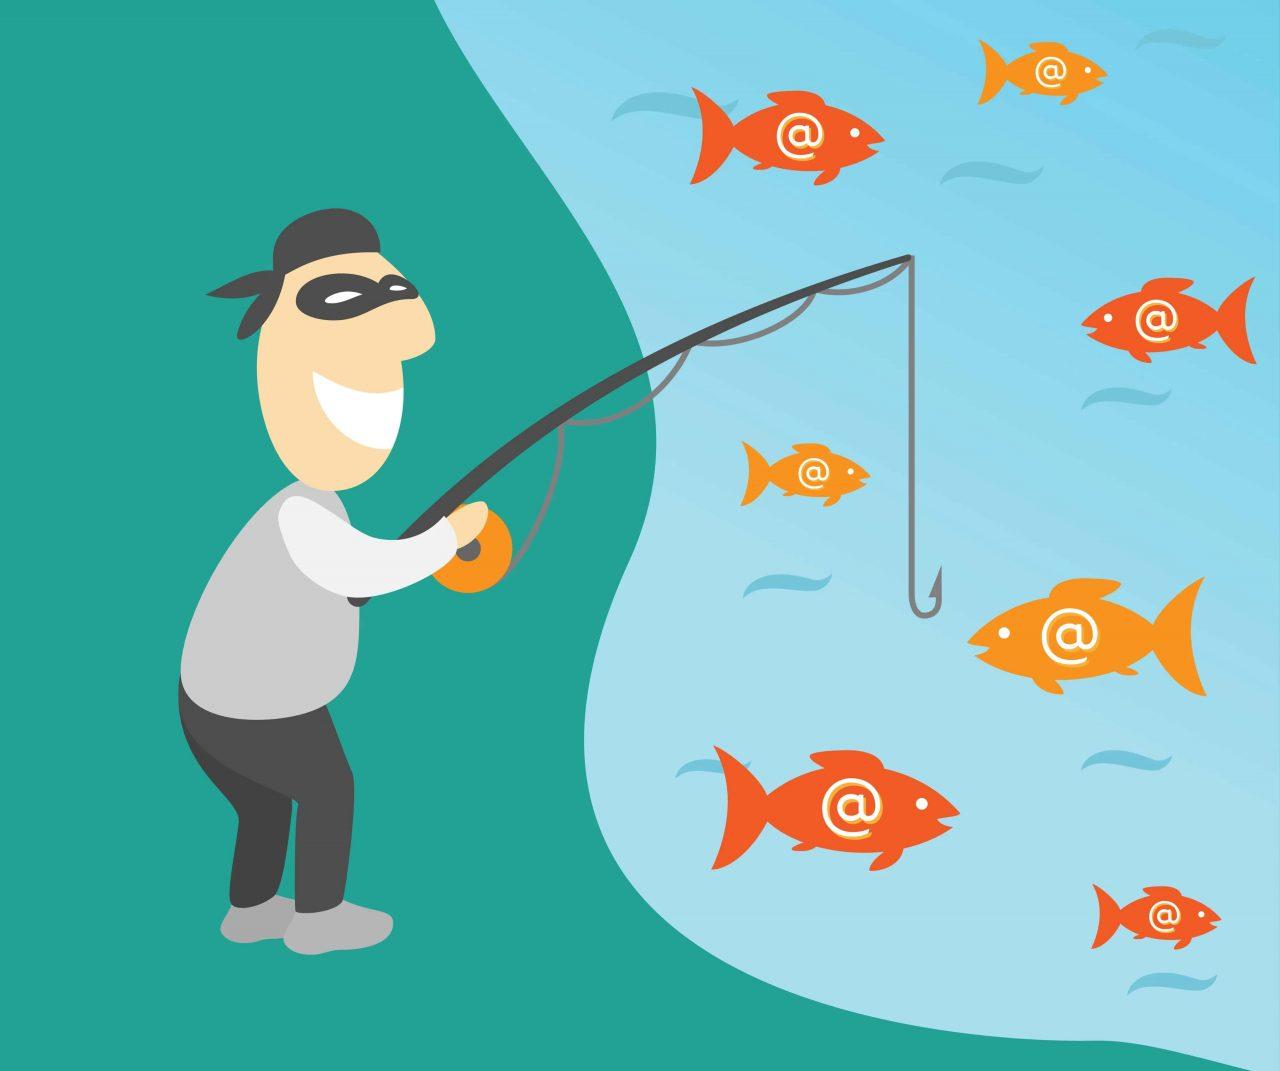 phishing email truffa - Email con ricatto e Phishing: Attenzione è una truffa - Lista aggiornata